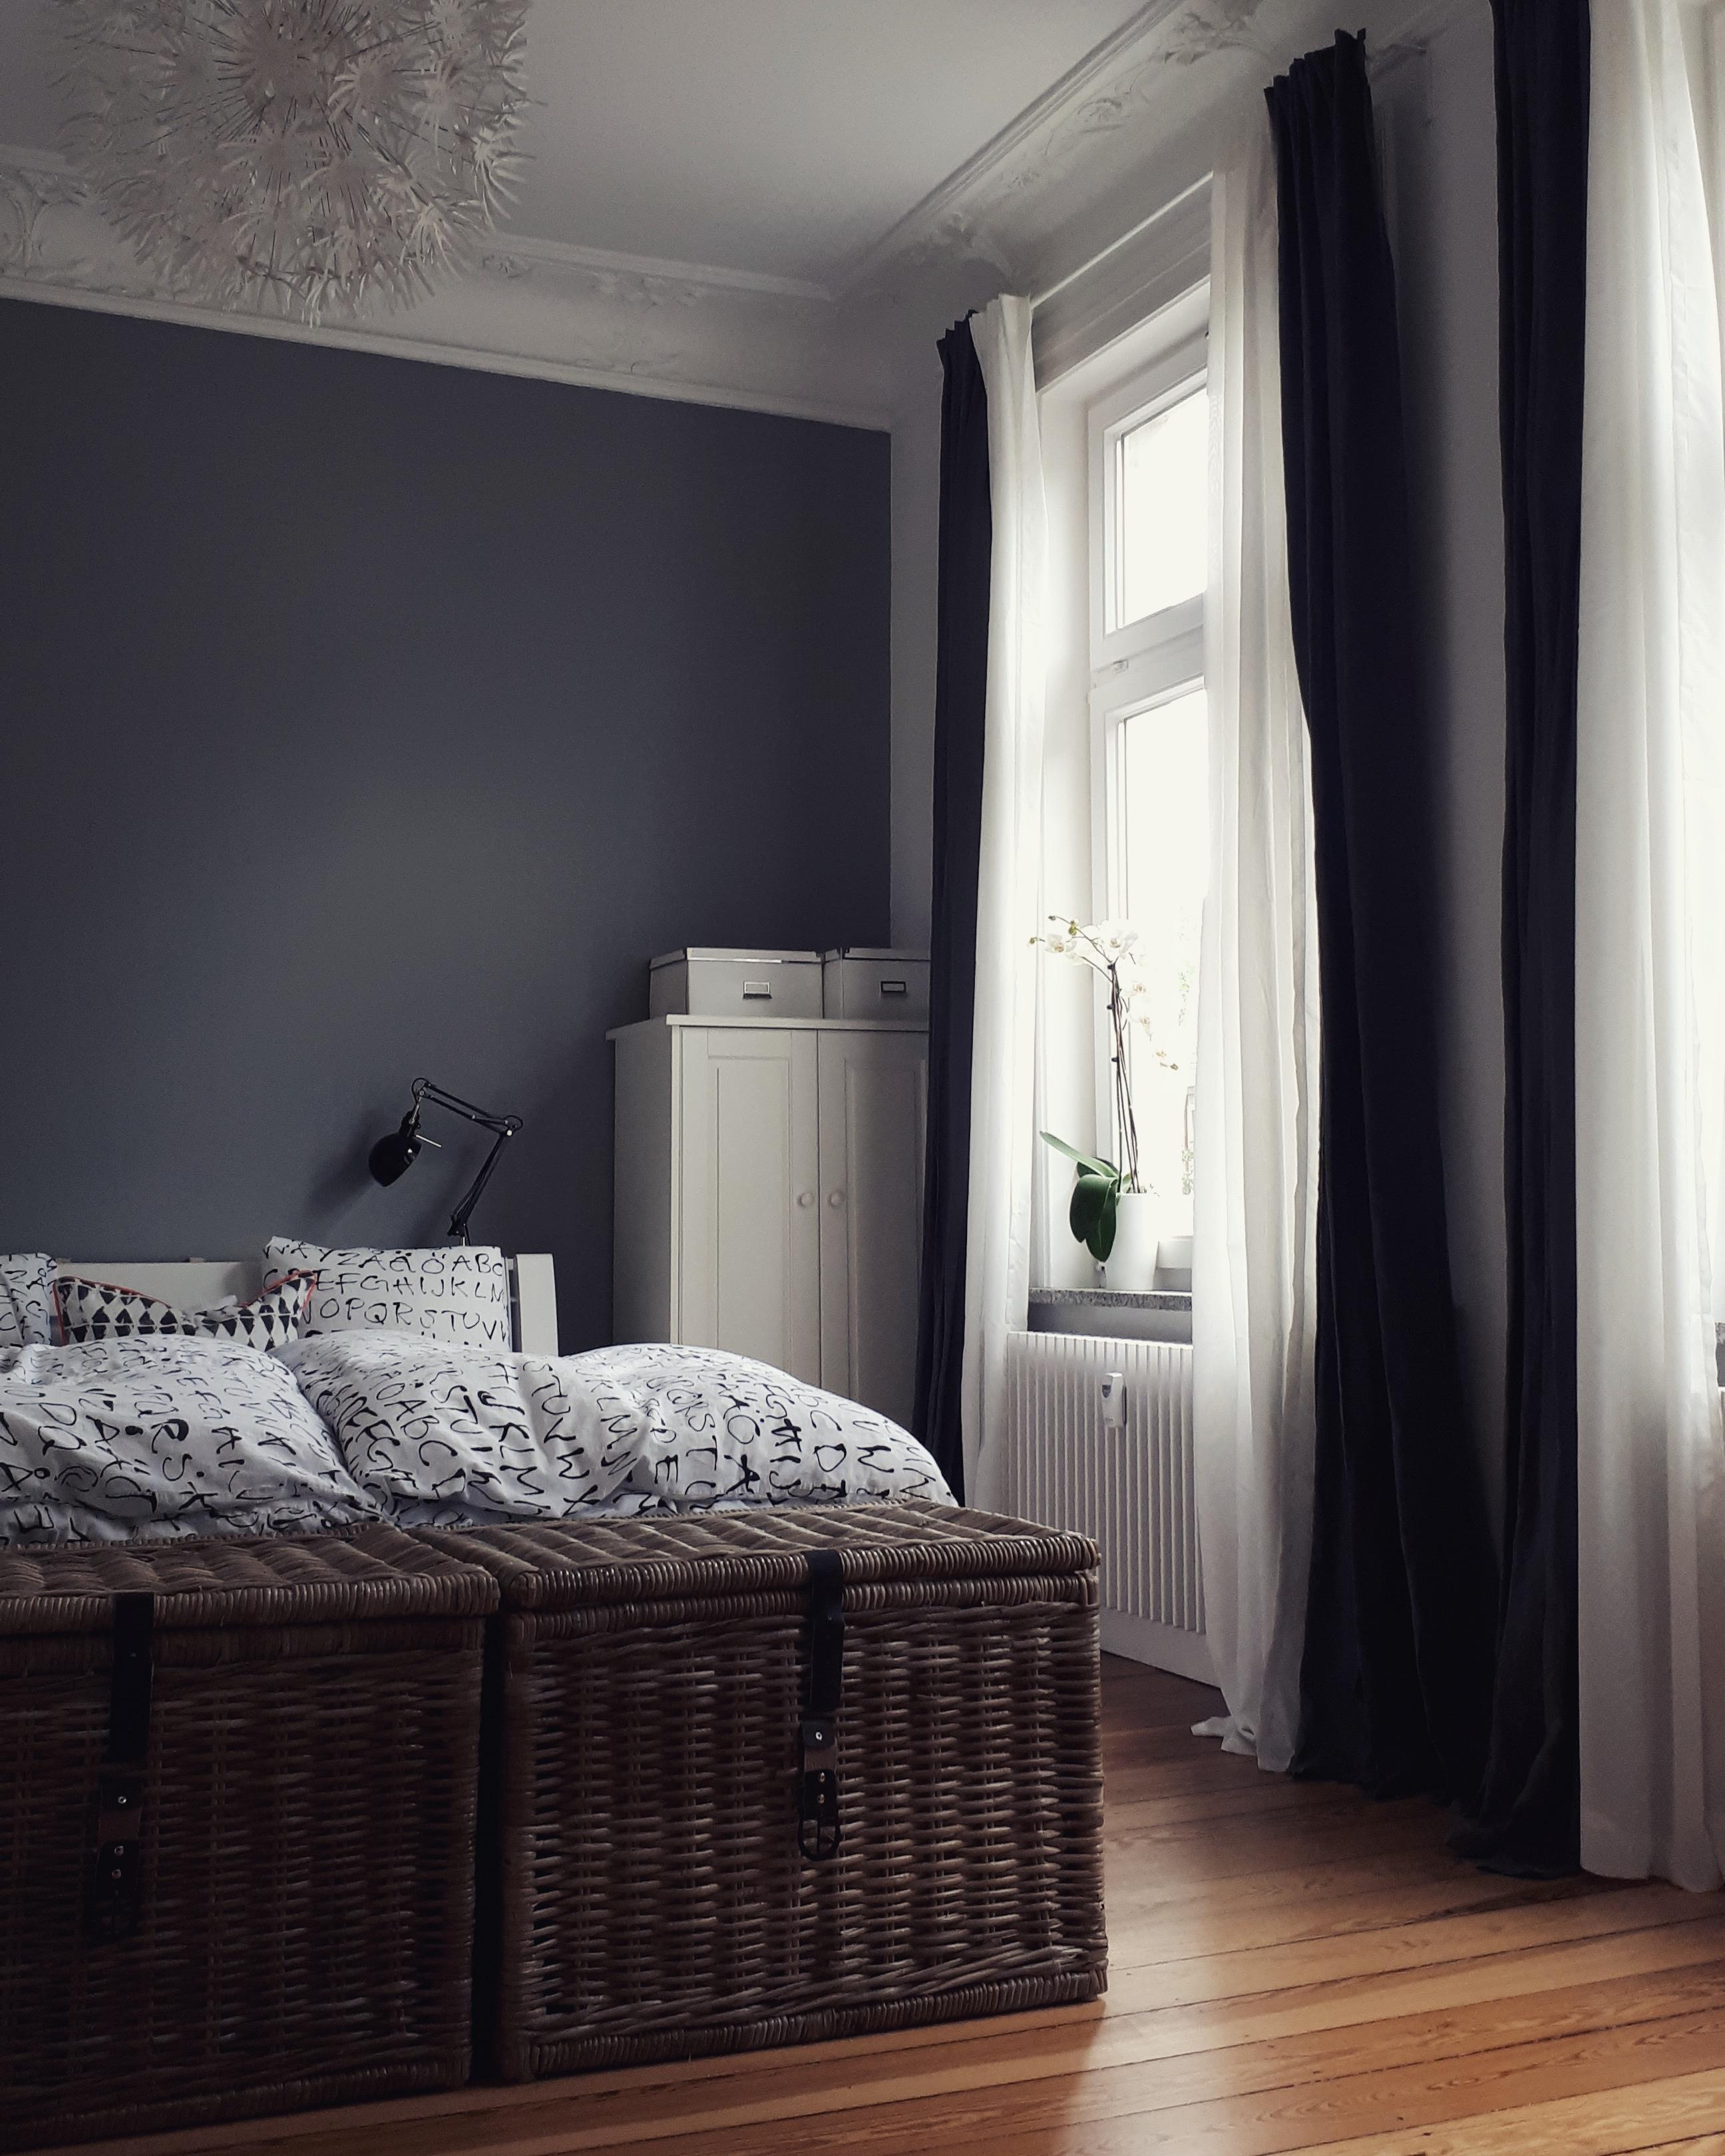 #schlafzimmer #altbau #altbauliebe #leinen #stuck #fenster #graueWand  #hamburg